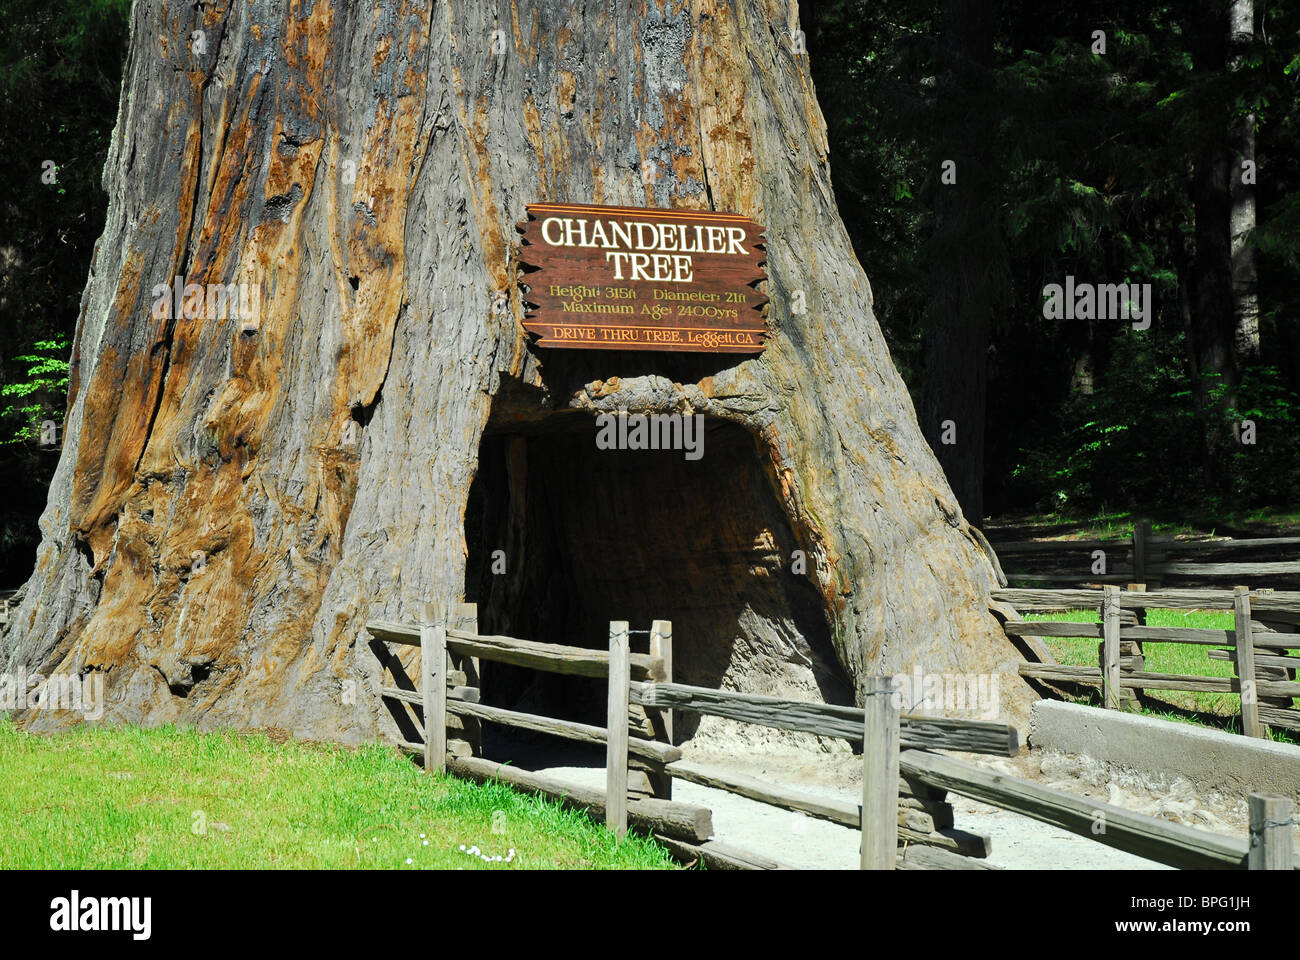 Chandelier drive thru tree near leggett california stock photo chandelier drive thru tree near leggett california arubaitofo Choice Image